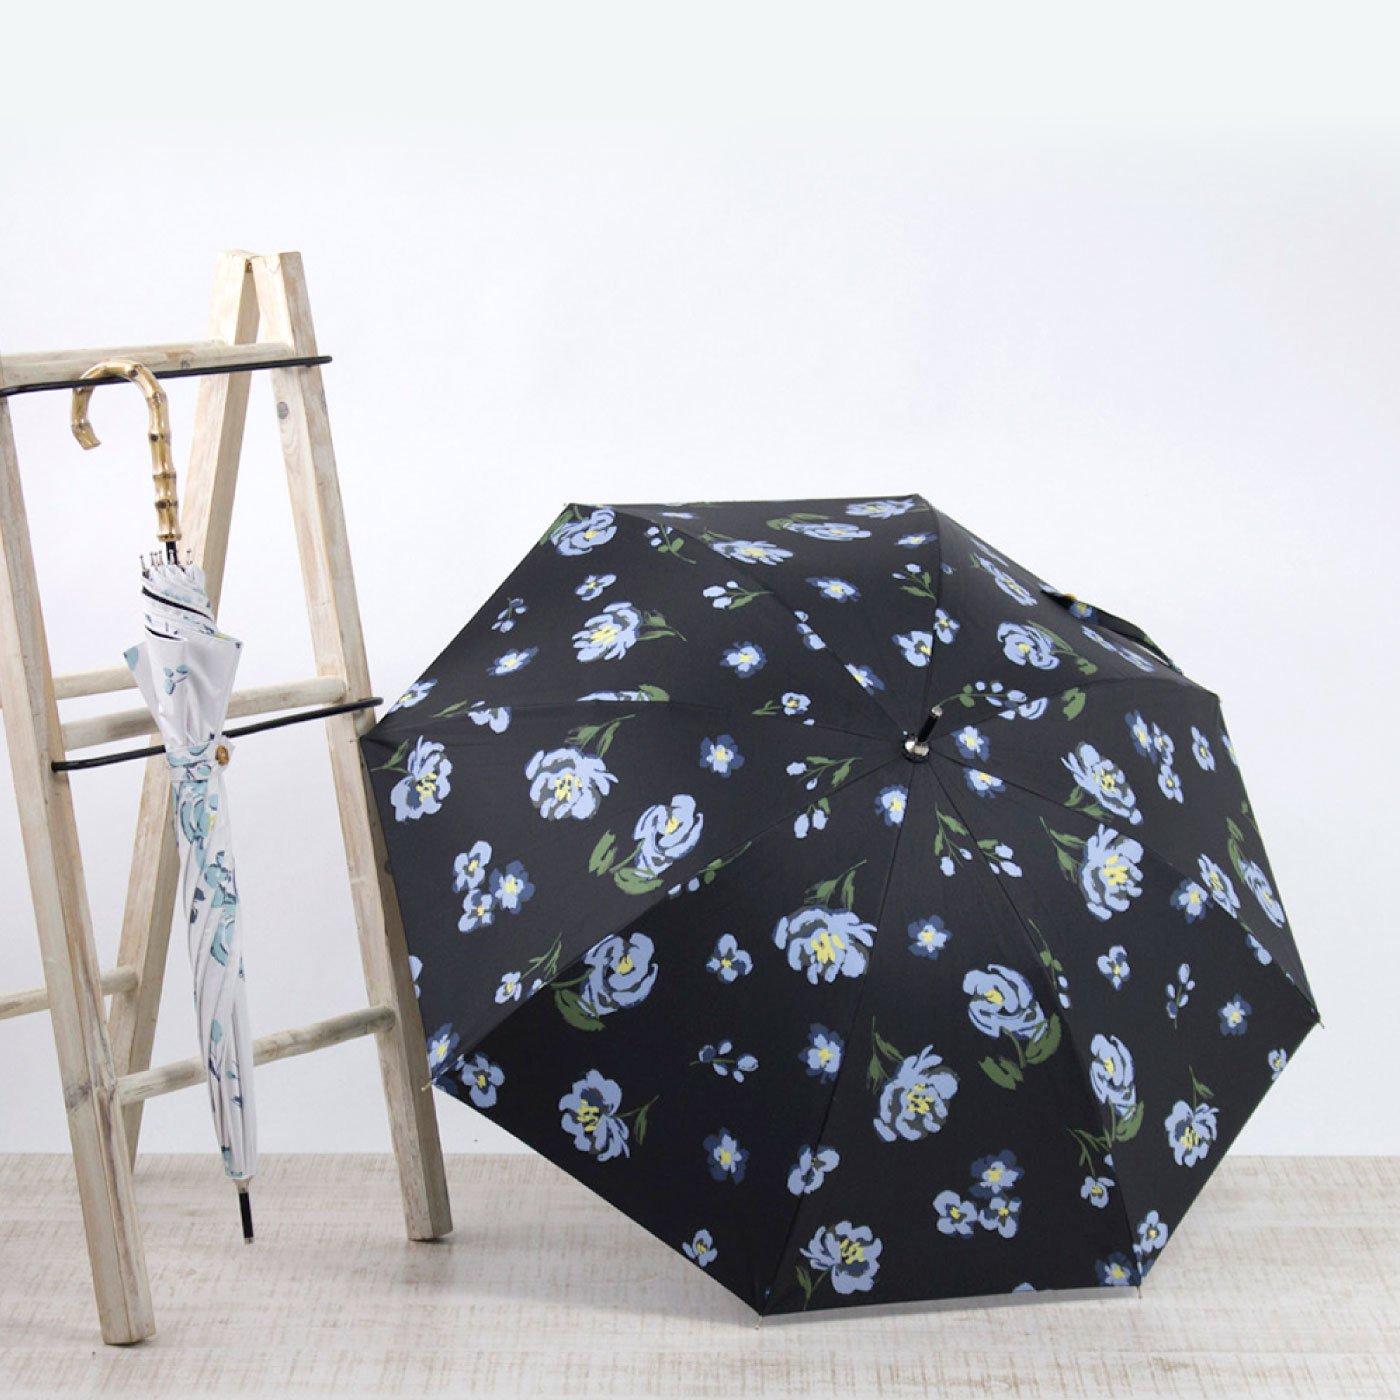 持ち姿も愛らしい バンブーハンドル日傘<フラワー>